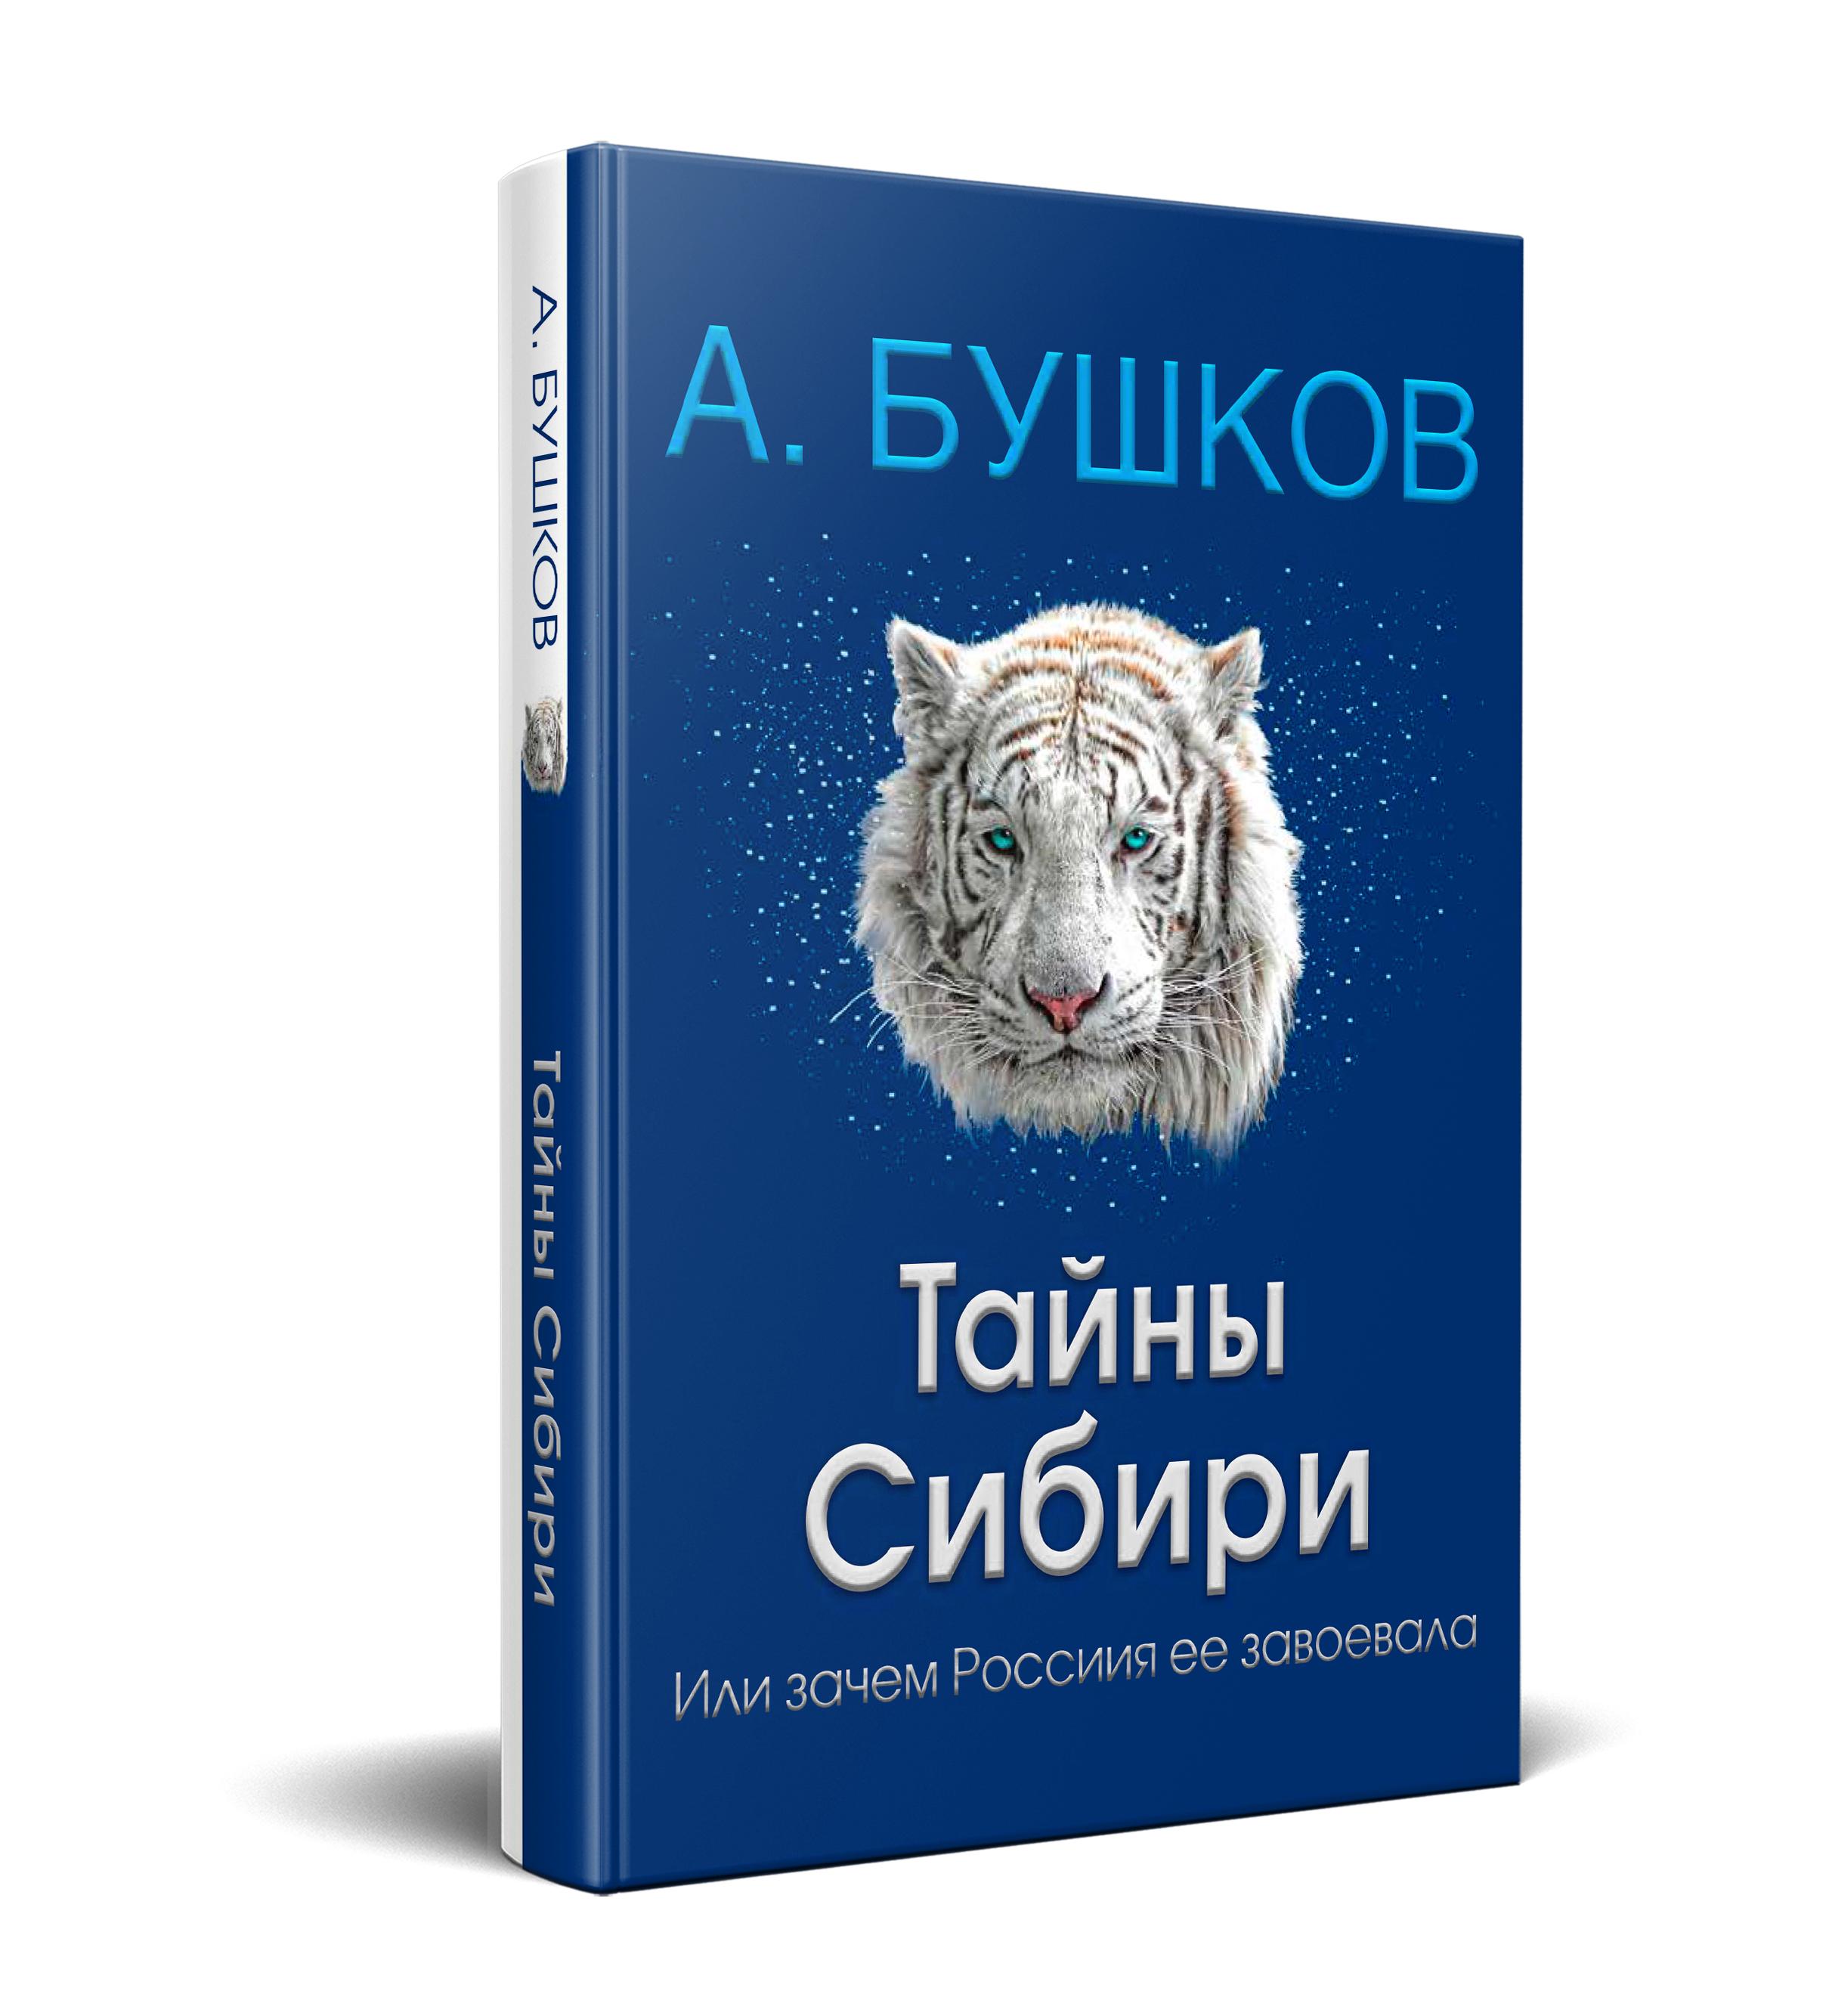 А. Бушков Тайны Сибири, или Зачем Россия ее завоевала